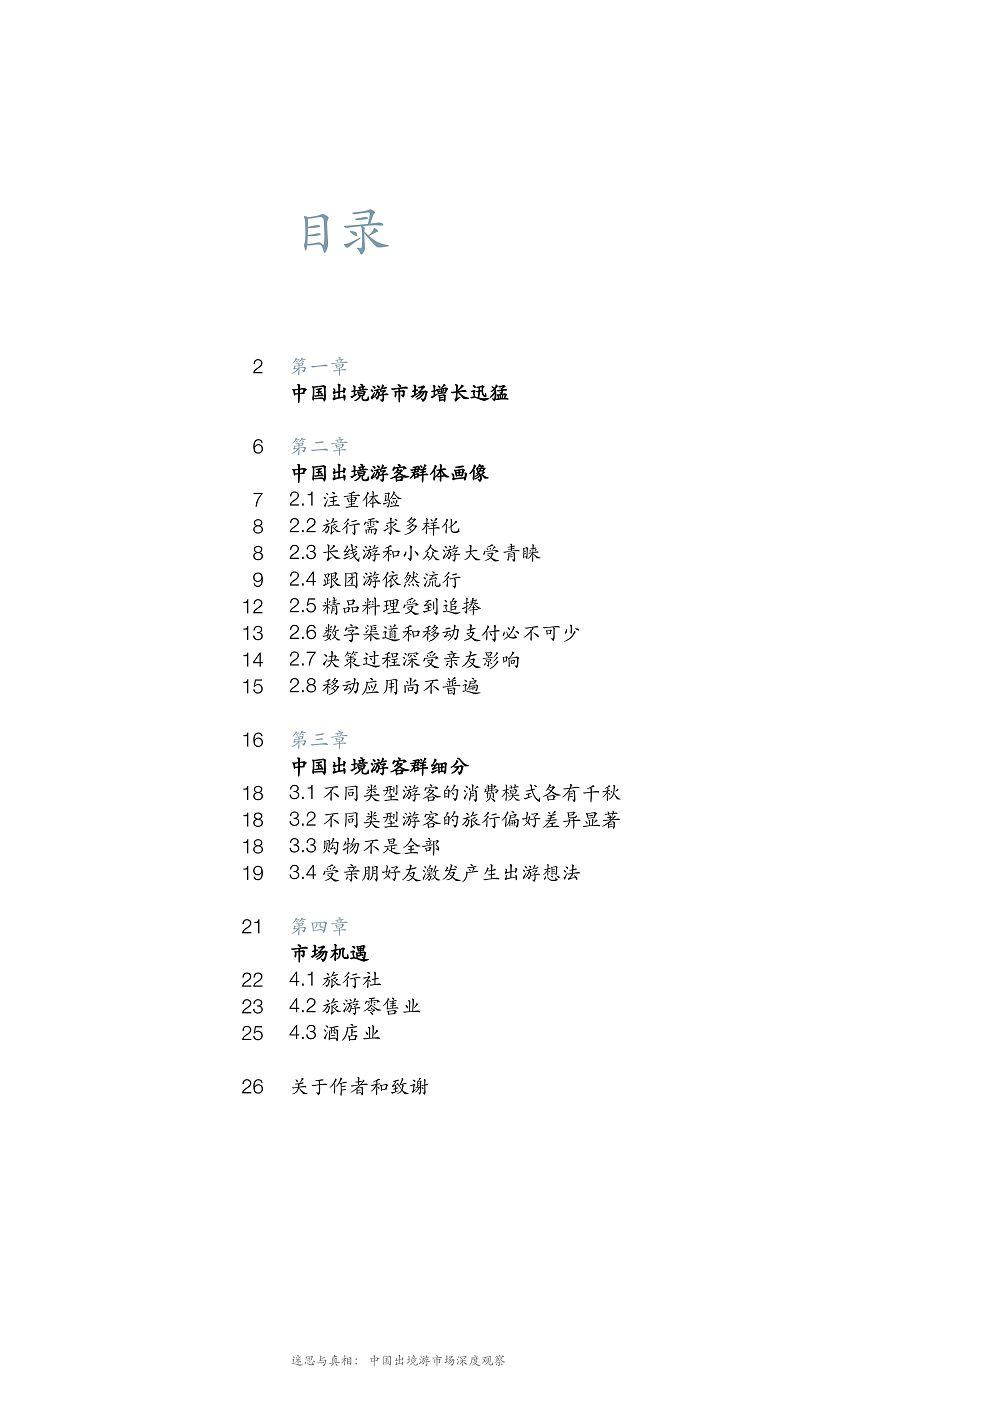 McK_China-tourism-report-2018_CN_05